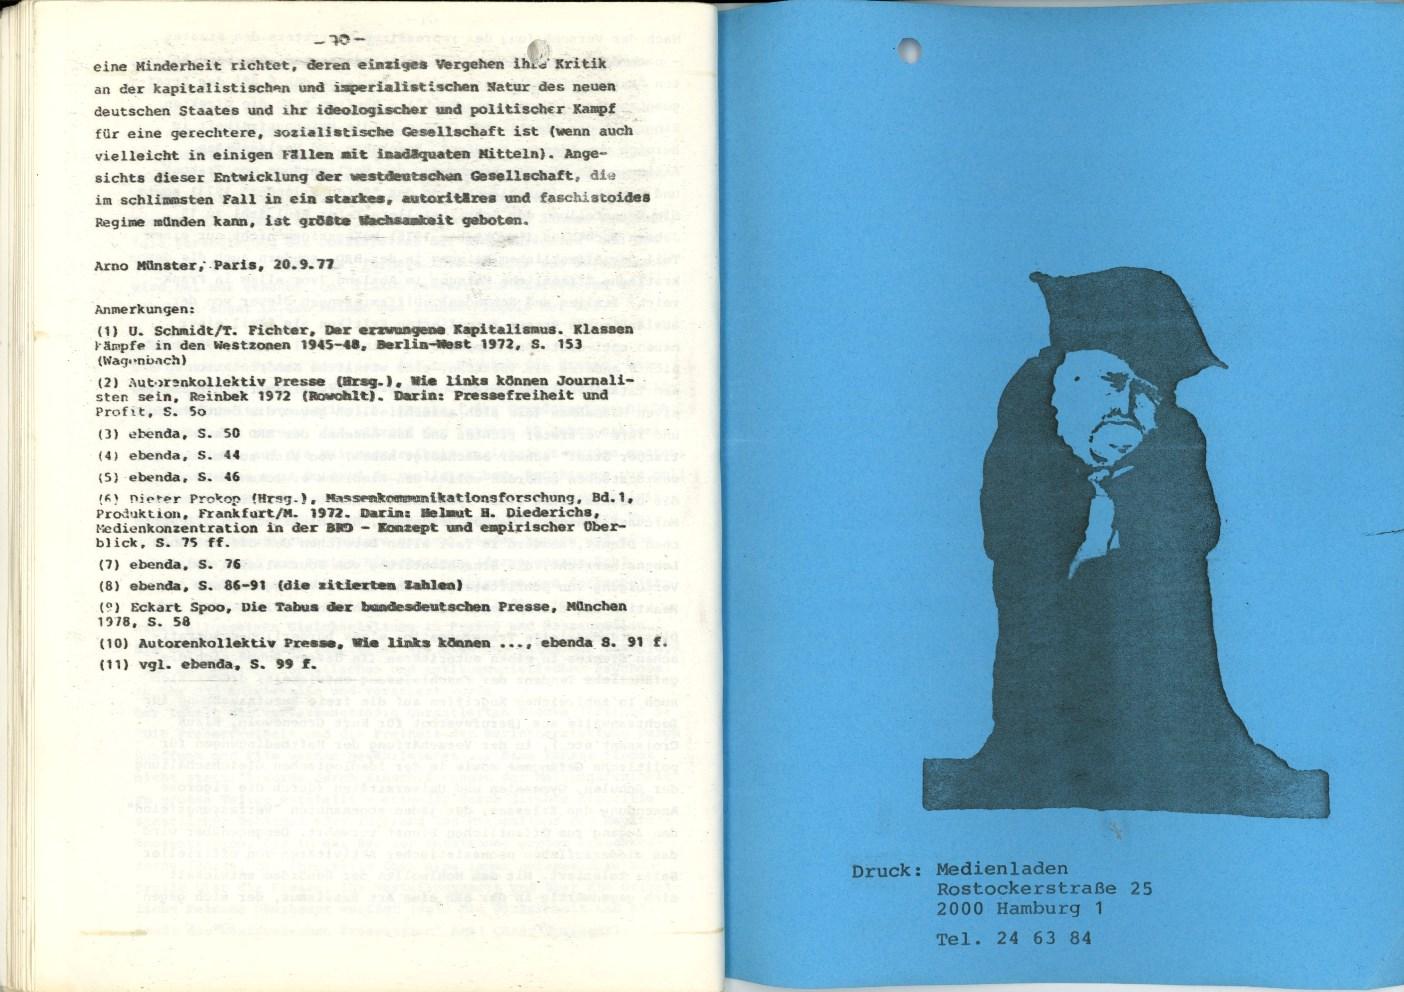 Hamburg_Vorbereitungsgruppe_Russell_Tribunal_Zensur_1978_36